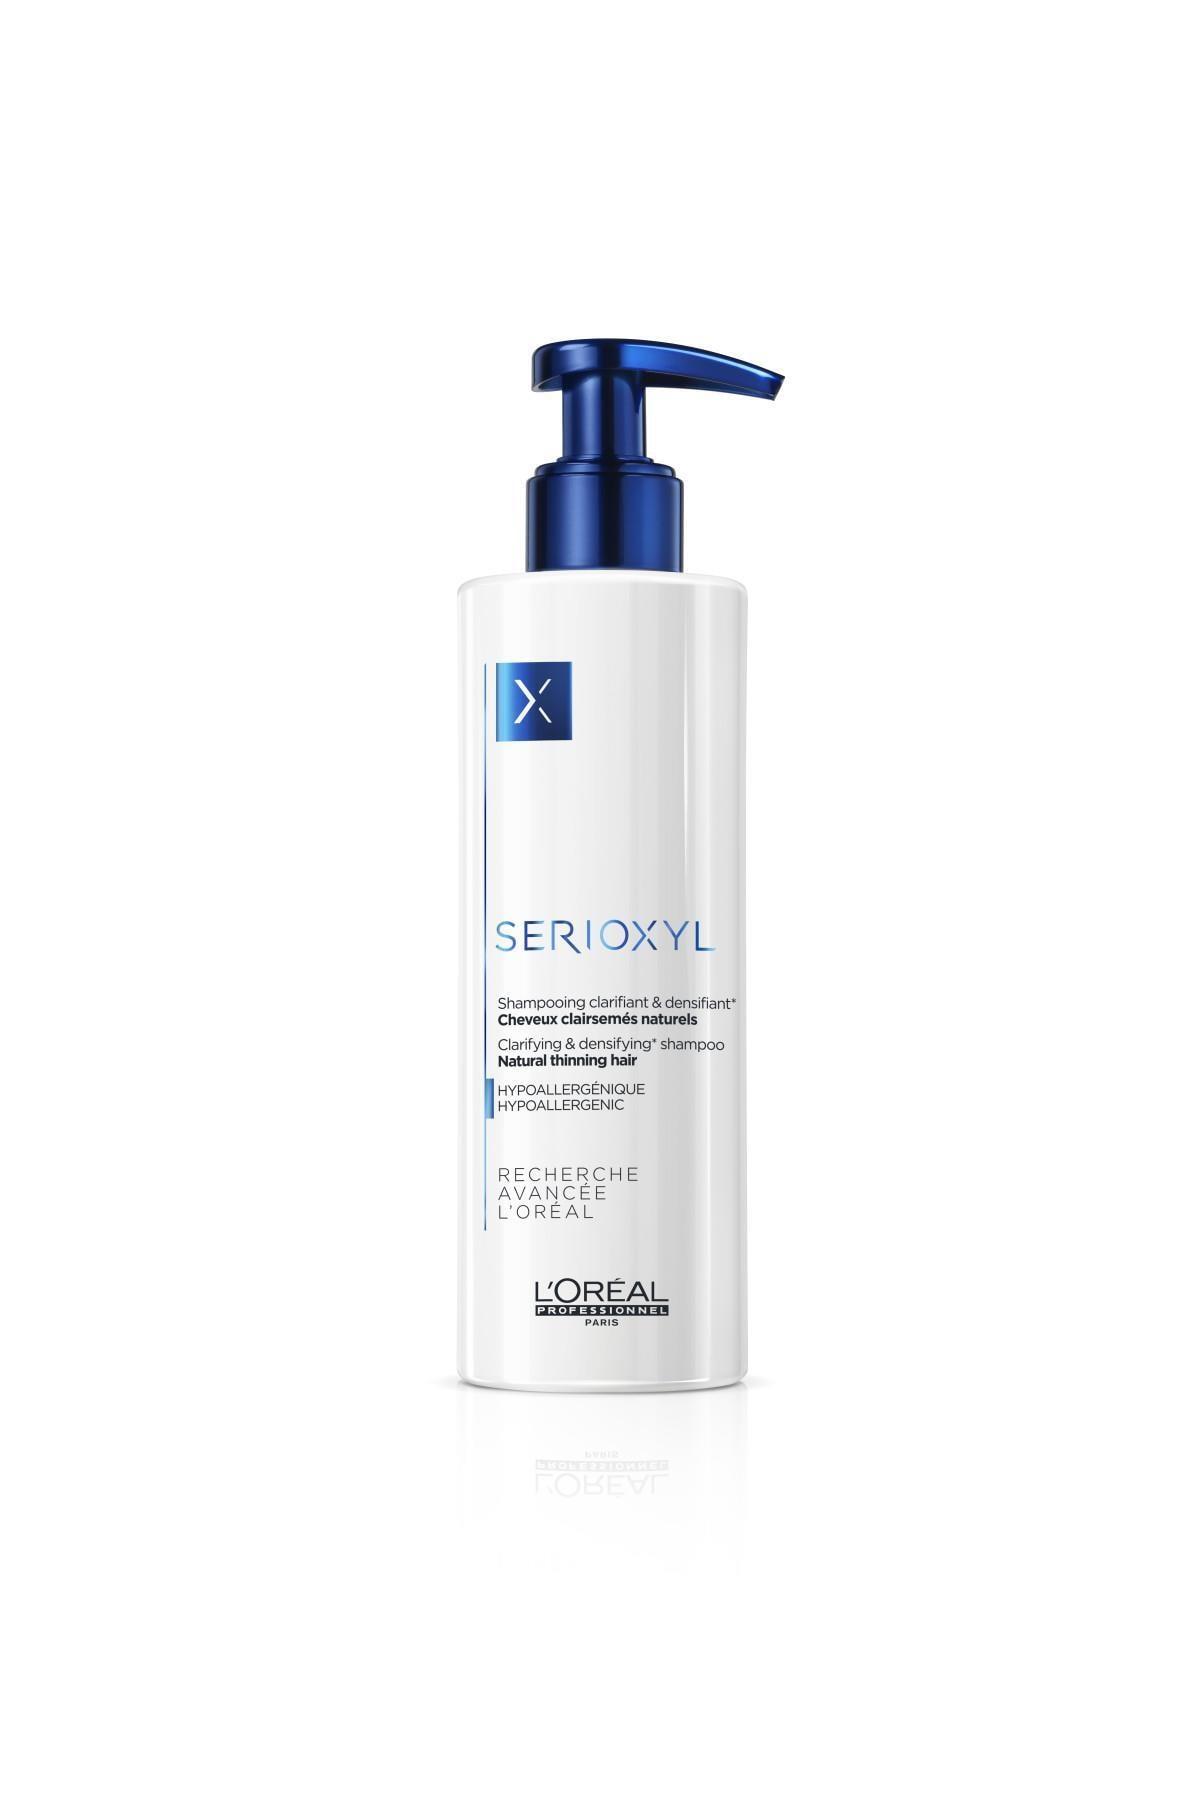 L'oreal Professionnel Serioxyl Denser Hair İncelmiş Doğal Saçlar İçin Hacimlendirici Ve Arındırıcı Şampuan 250 ml